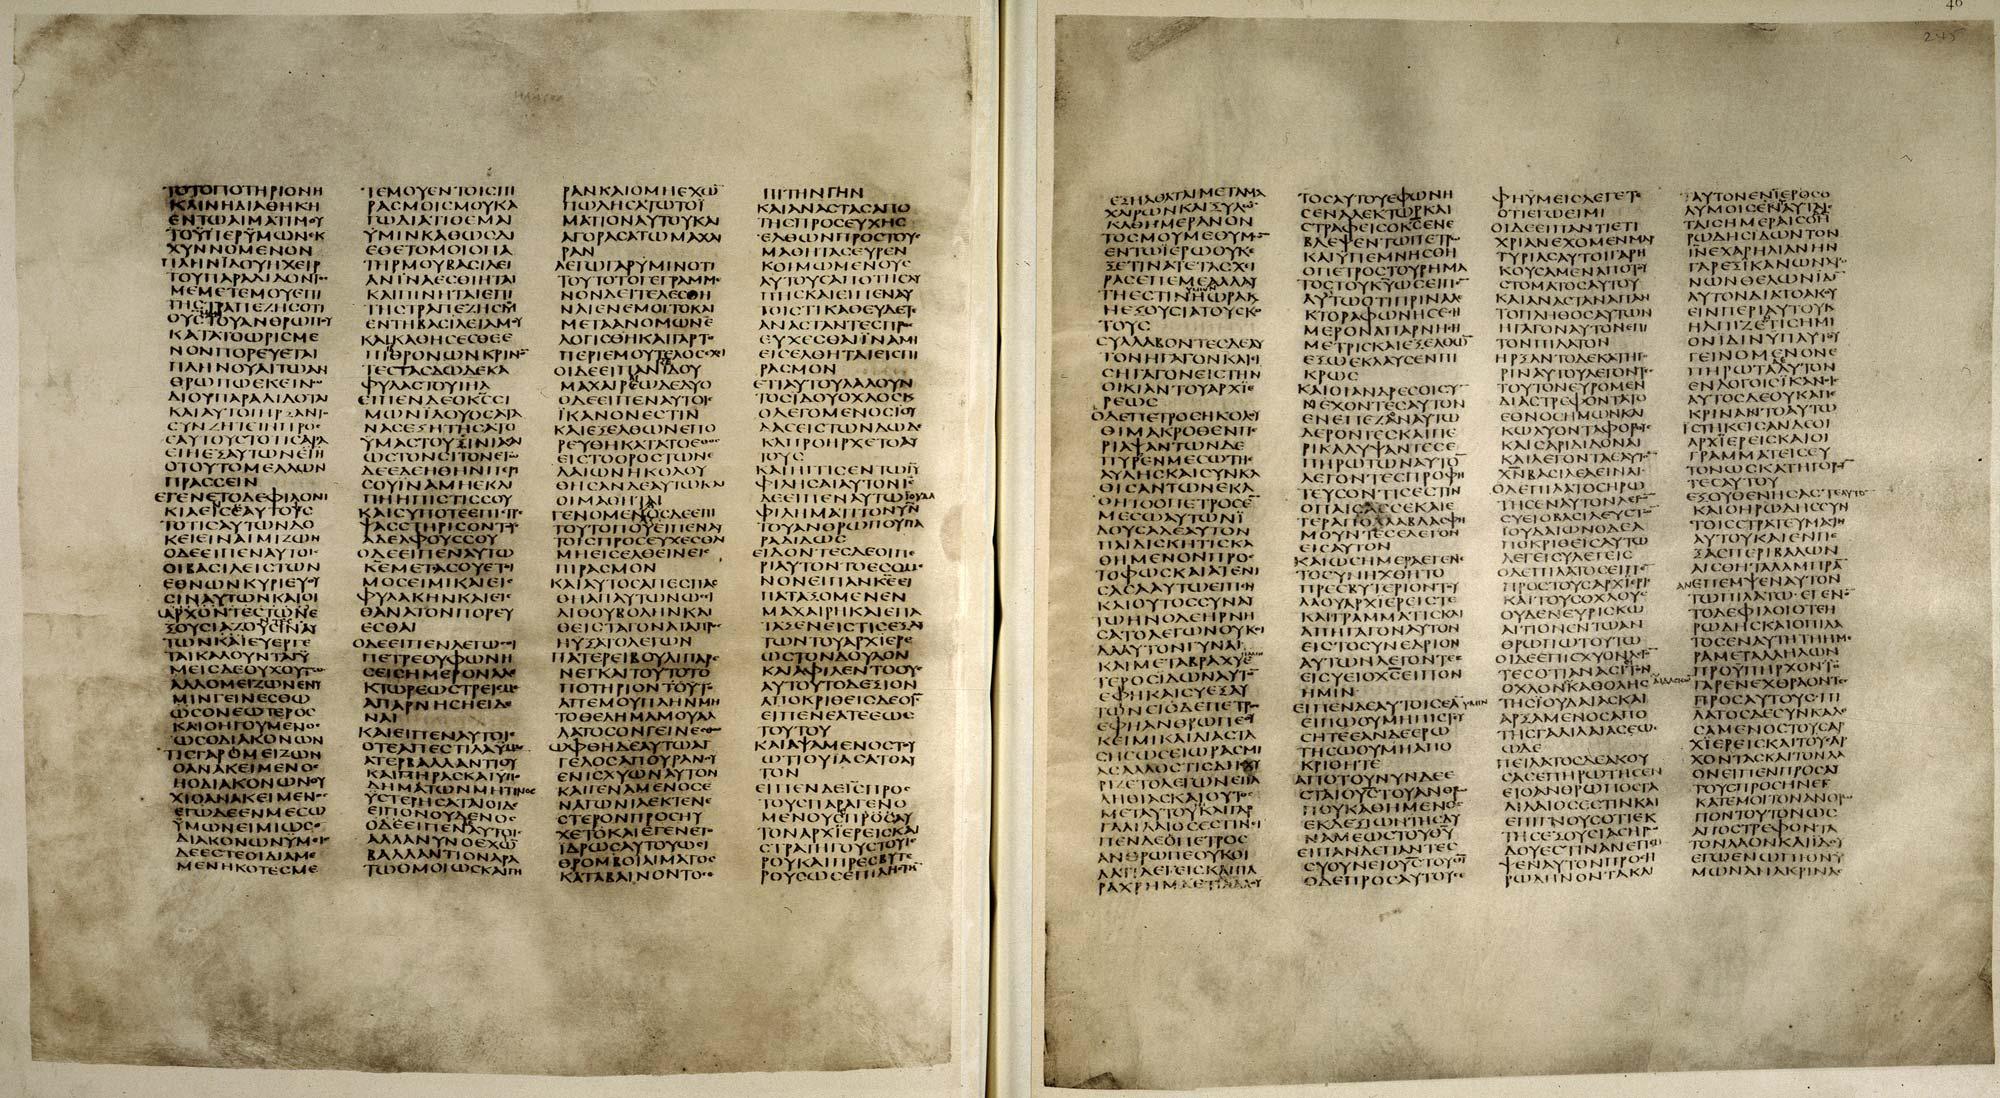 Կոդեքս 1 Ավելացնել MS 43725, բրիտանական գրադարան